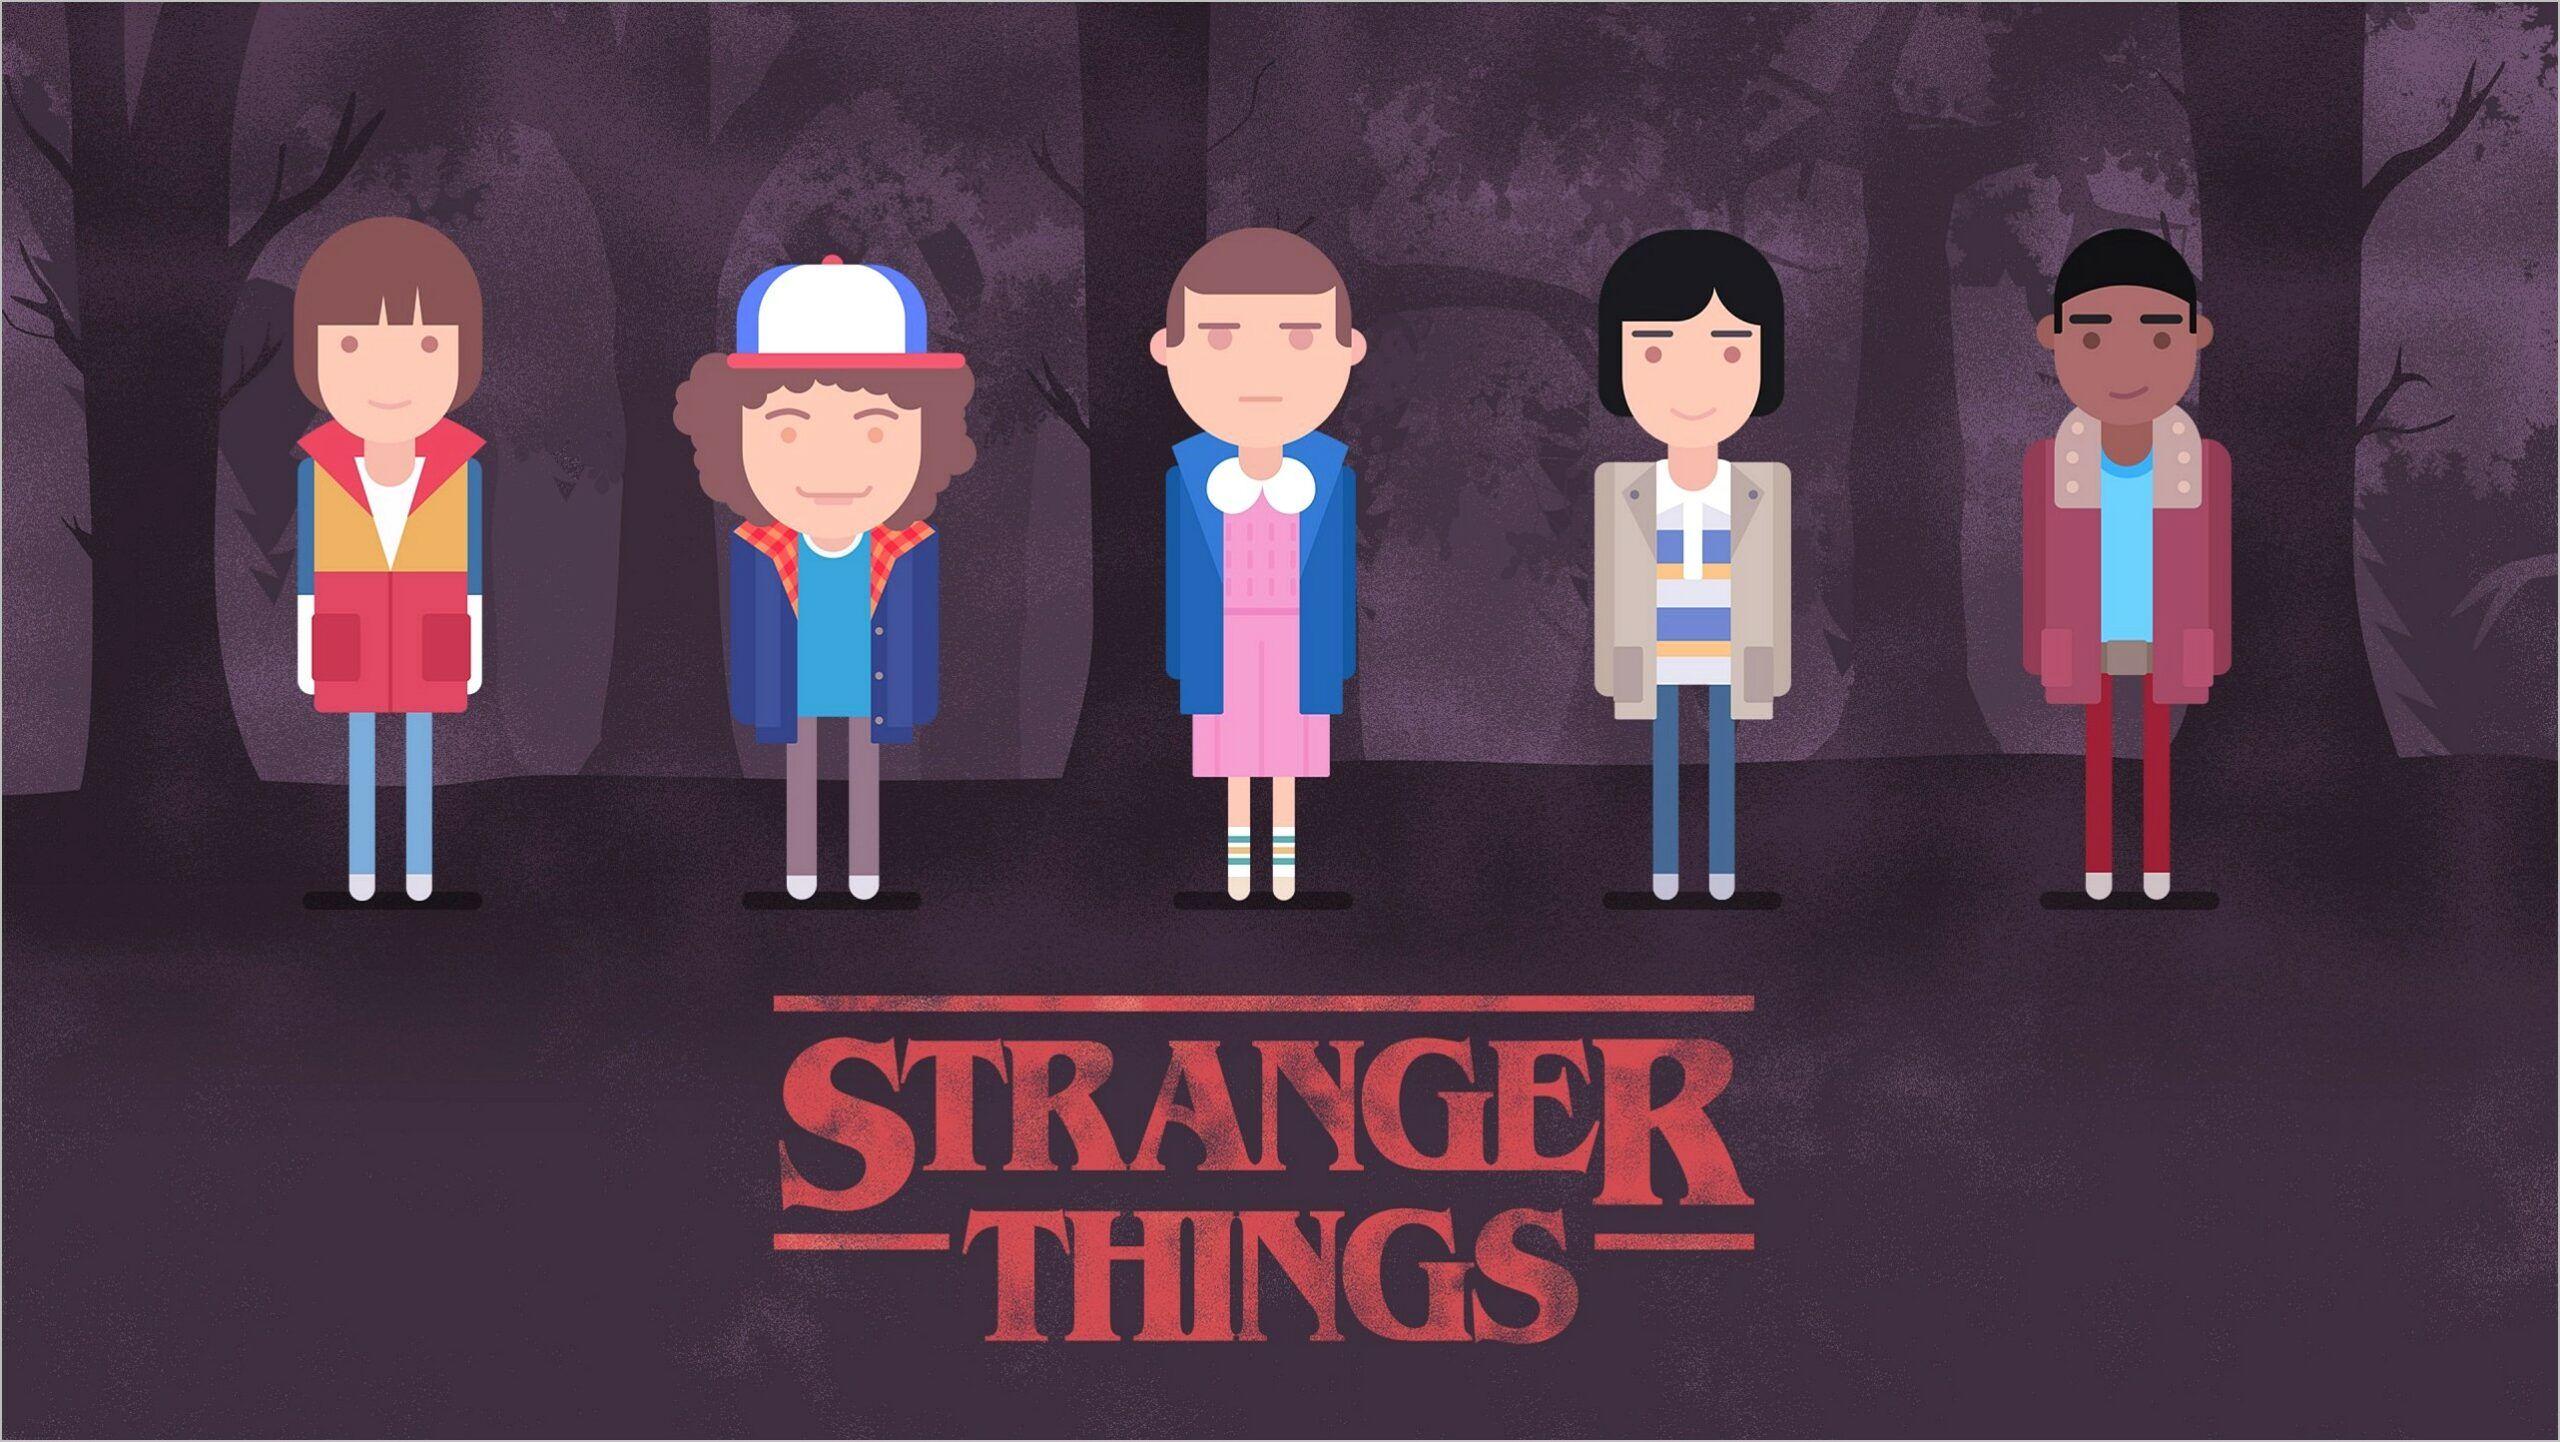 Stranger Things 2 4k Wallpaper Stranger Things Wallpaper Stranger Things Art Stranger Things Characters